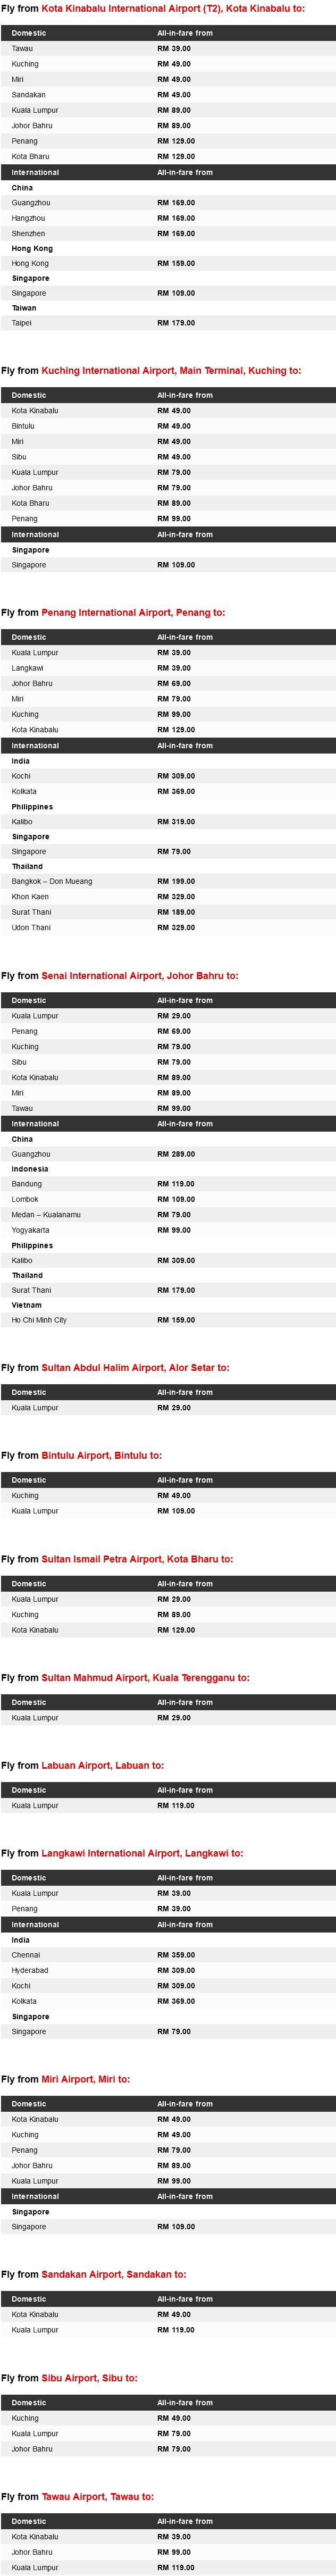 AirAsia Summer Fun Fares Details